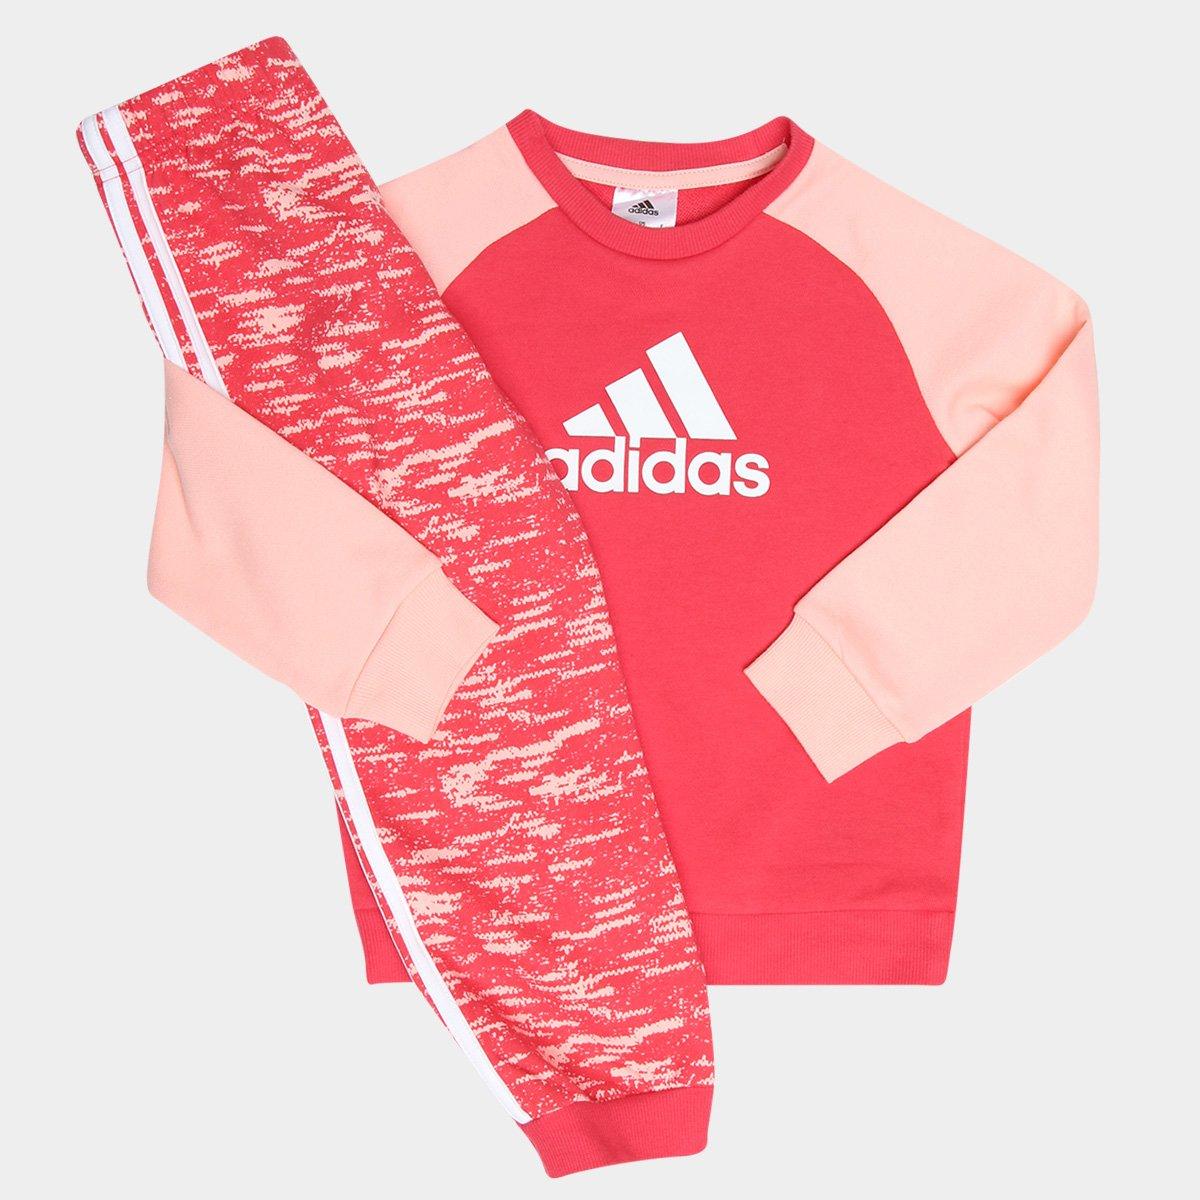 140d4903e1eb9 Conjunto de Moletom Infantil Adidas - Compre Agora